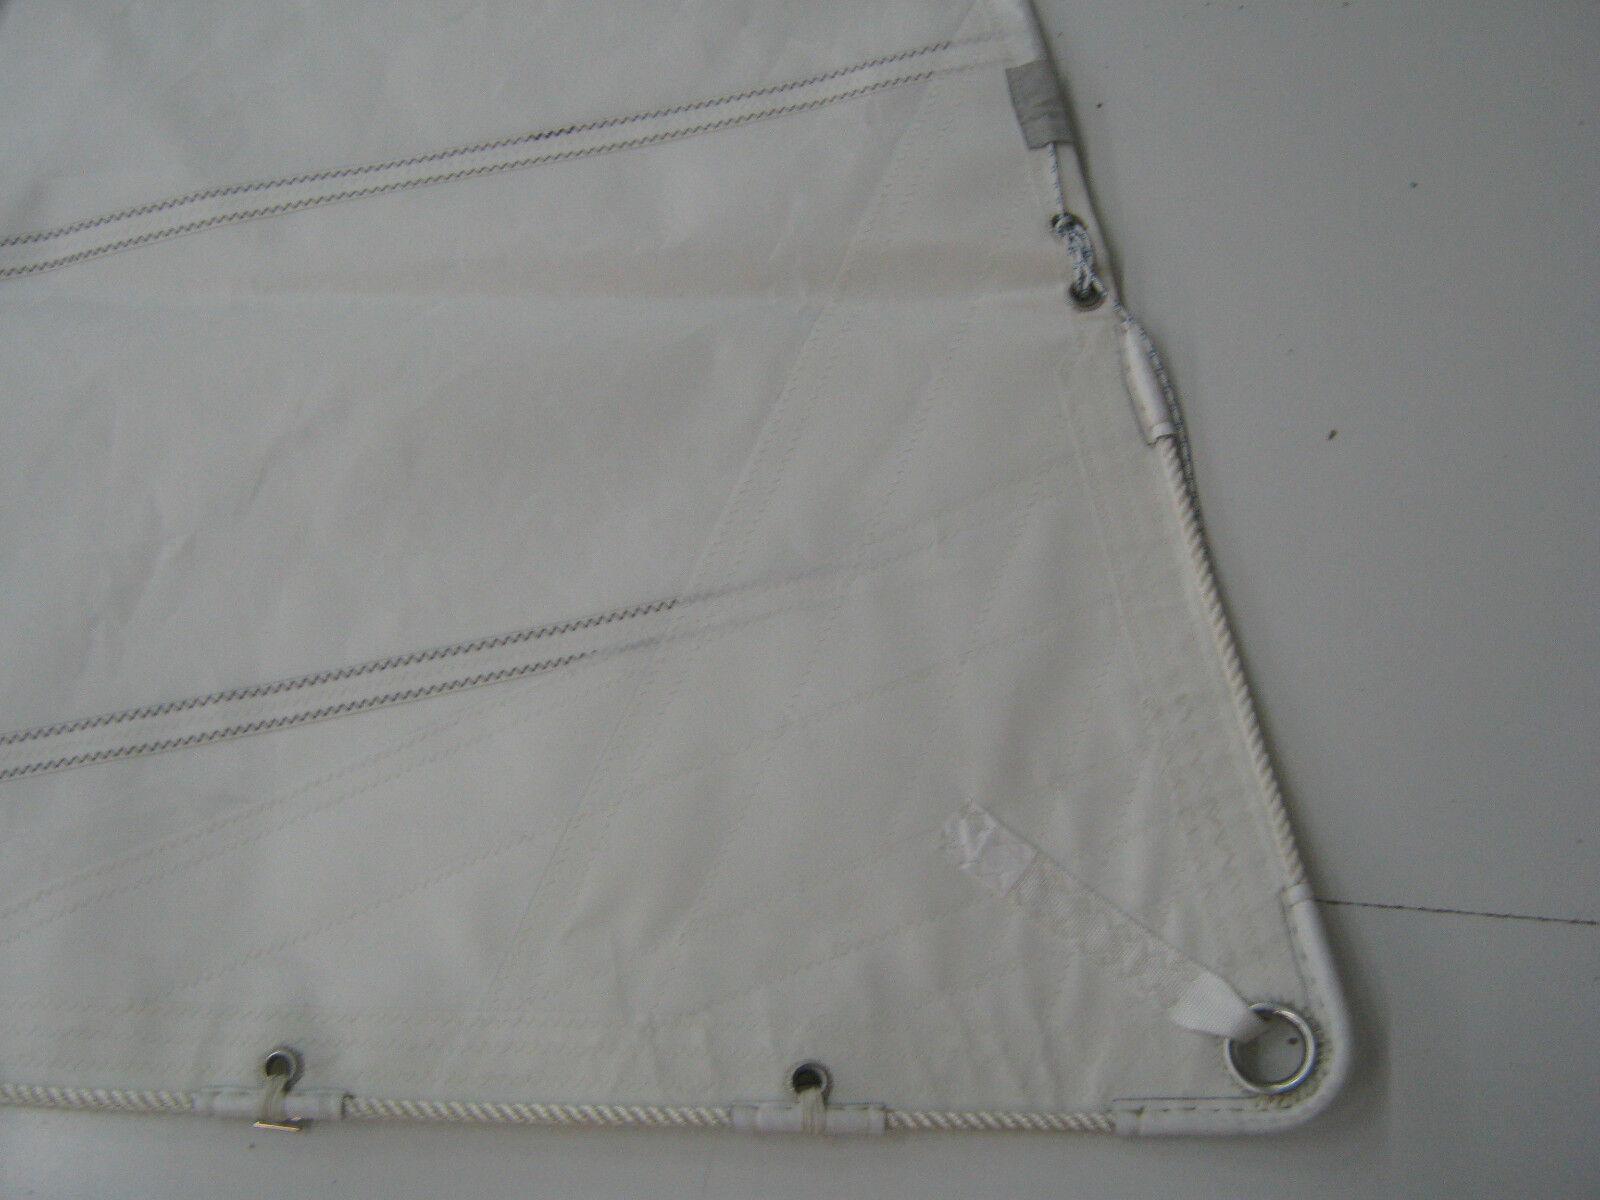 Besansegel, ca. 15,00m², und kurze Latten, T-Schienenrutscher im VL und 15,00m², UL 8d9a88